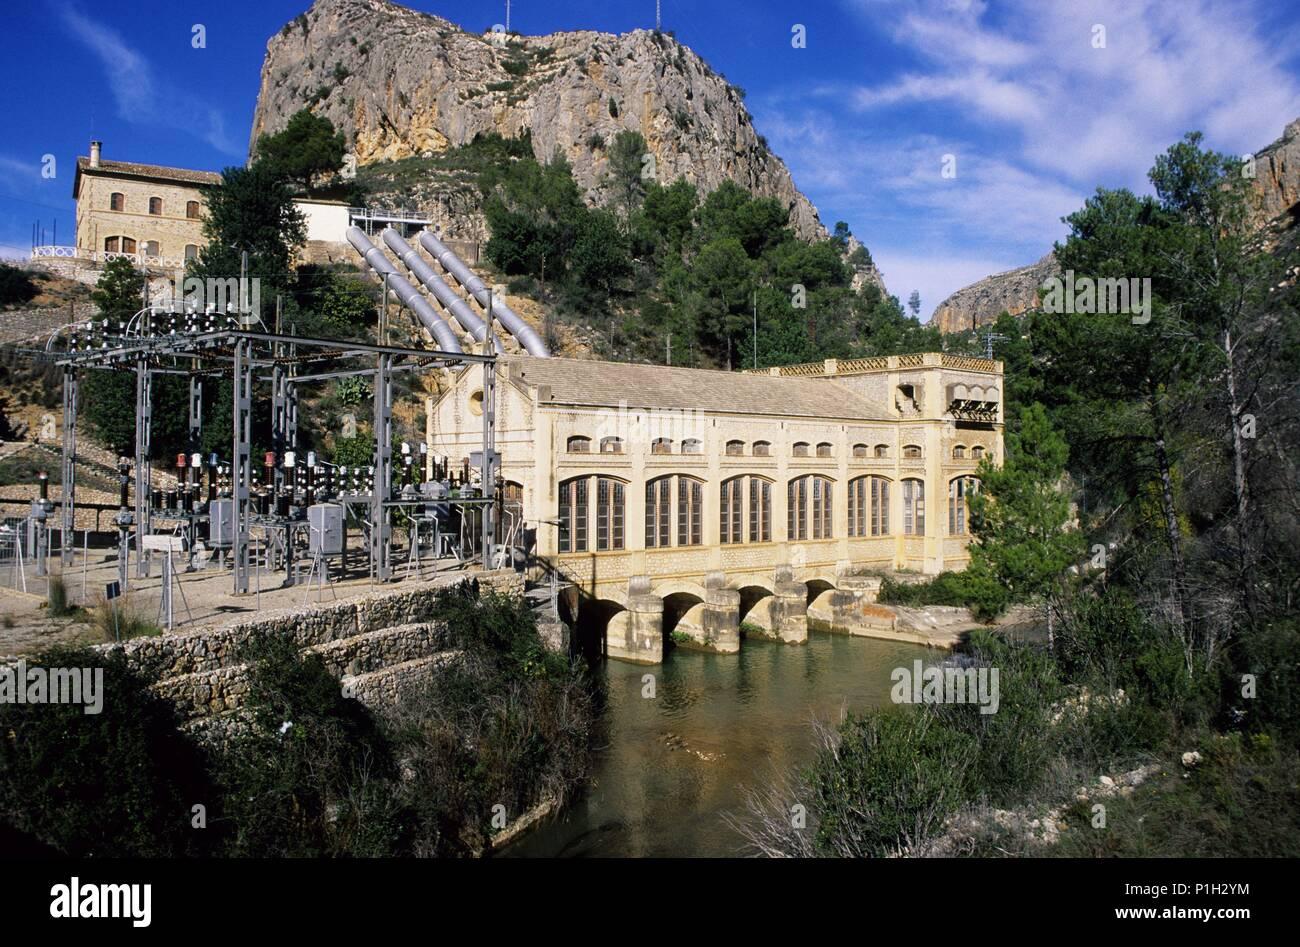 España - Comunidad Valenciana - Los Serranos (distrito) - Valencia. Chulilla, cerca de..., Río Túria, central hidro eléctrica, la Serranía. Imagen De Stock